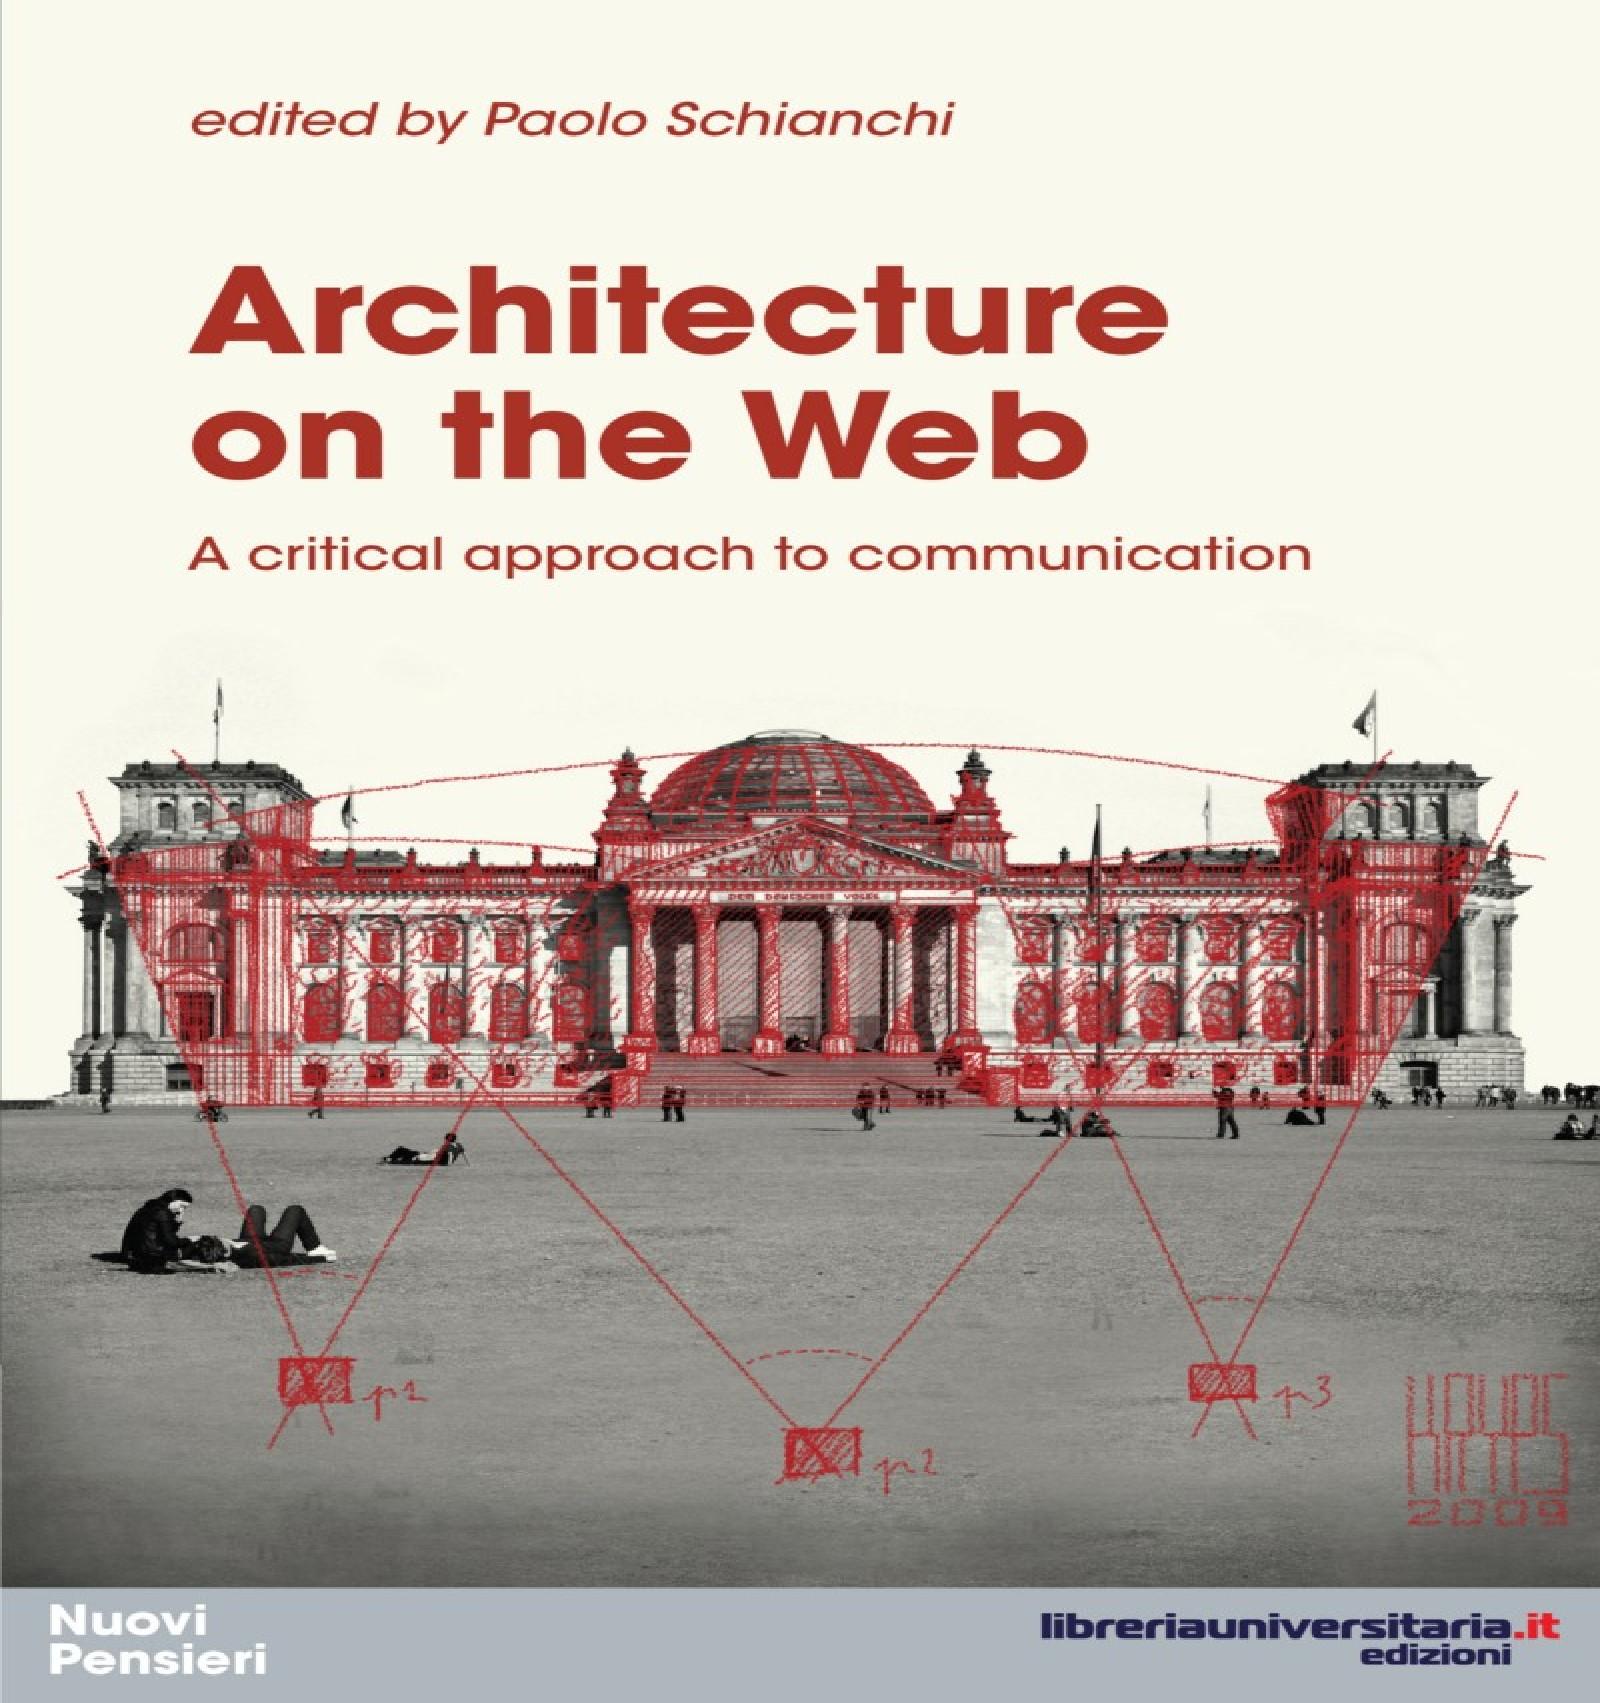 Libro ARCHITECTURE ON THE WEB a cura di Paolo Schianchi